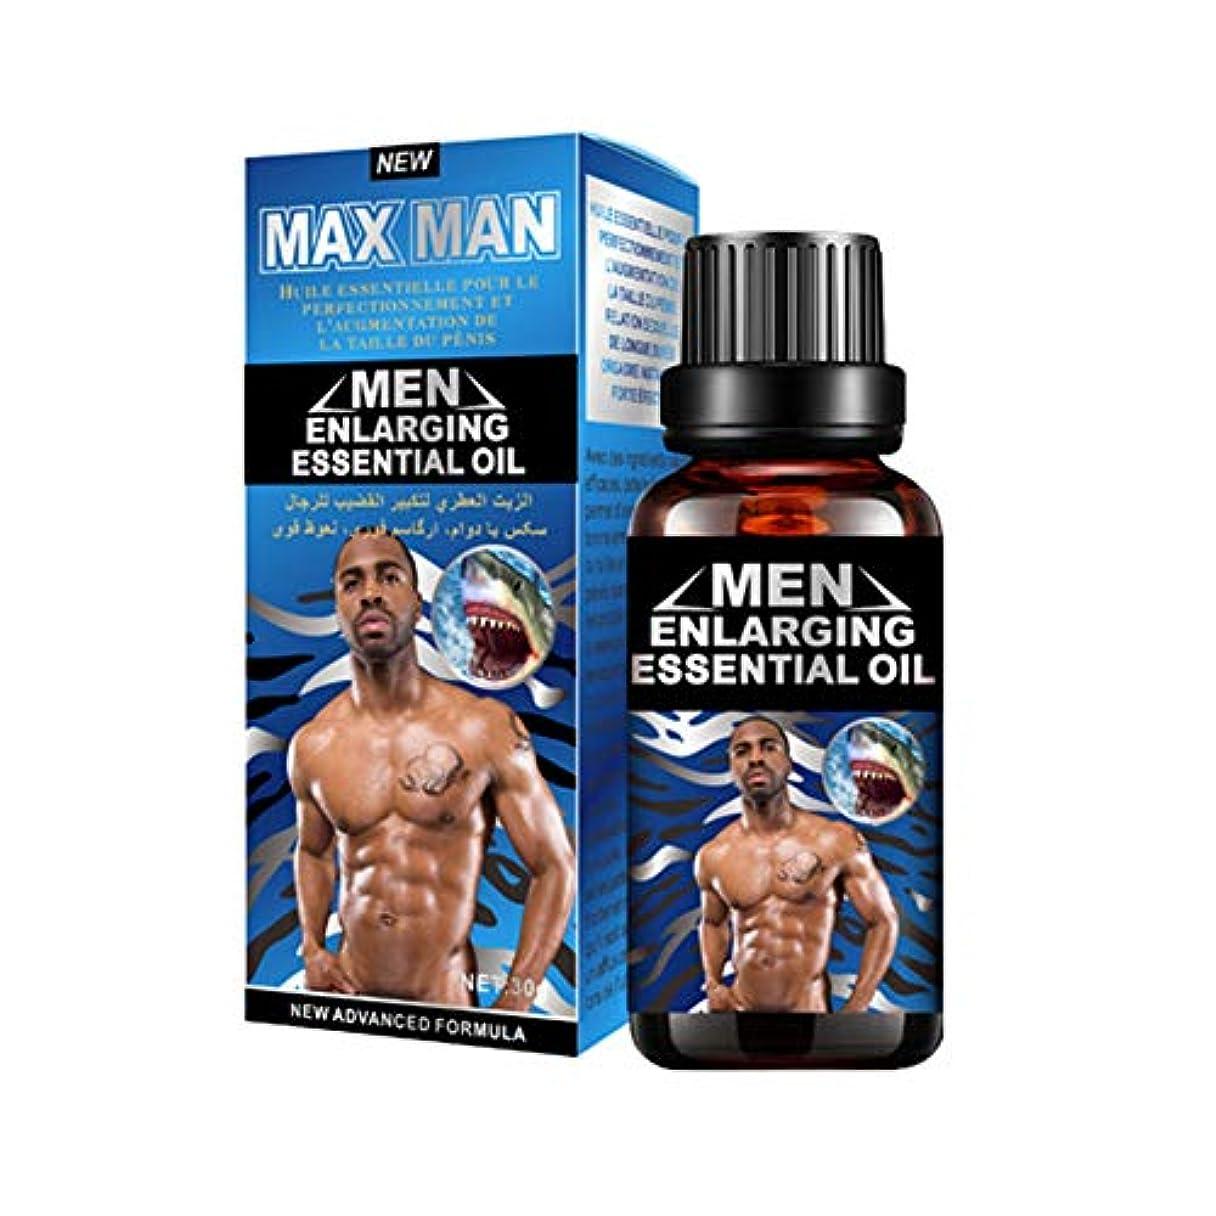 並外れて気を散らす処方するBalai 男のマッサージオイル ペニスの成長の拡大の性の永続的な陰茎の拡大オイル 性プロダクト